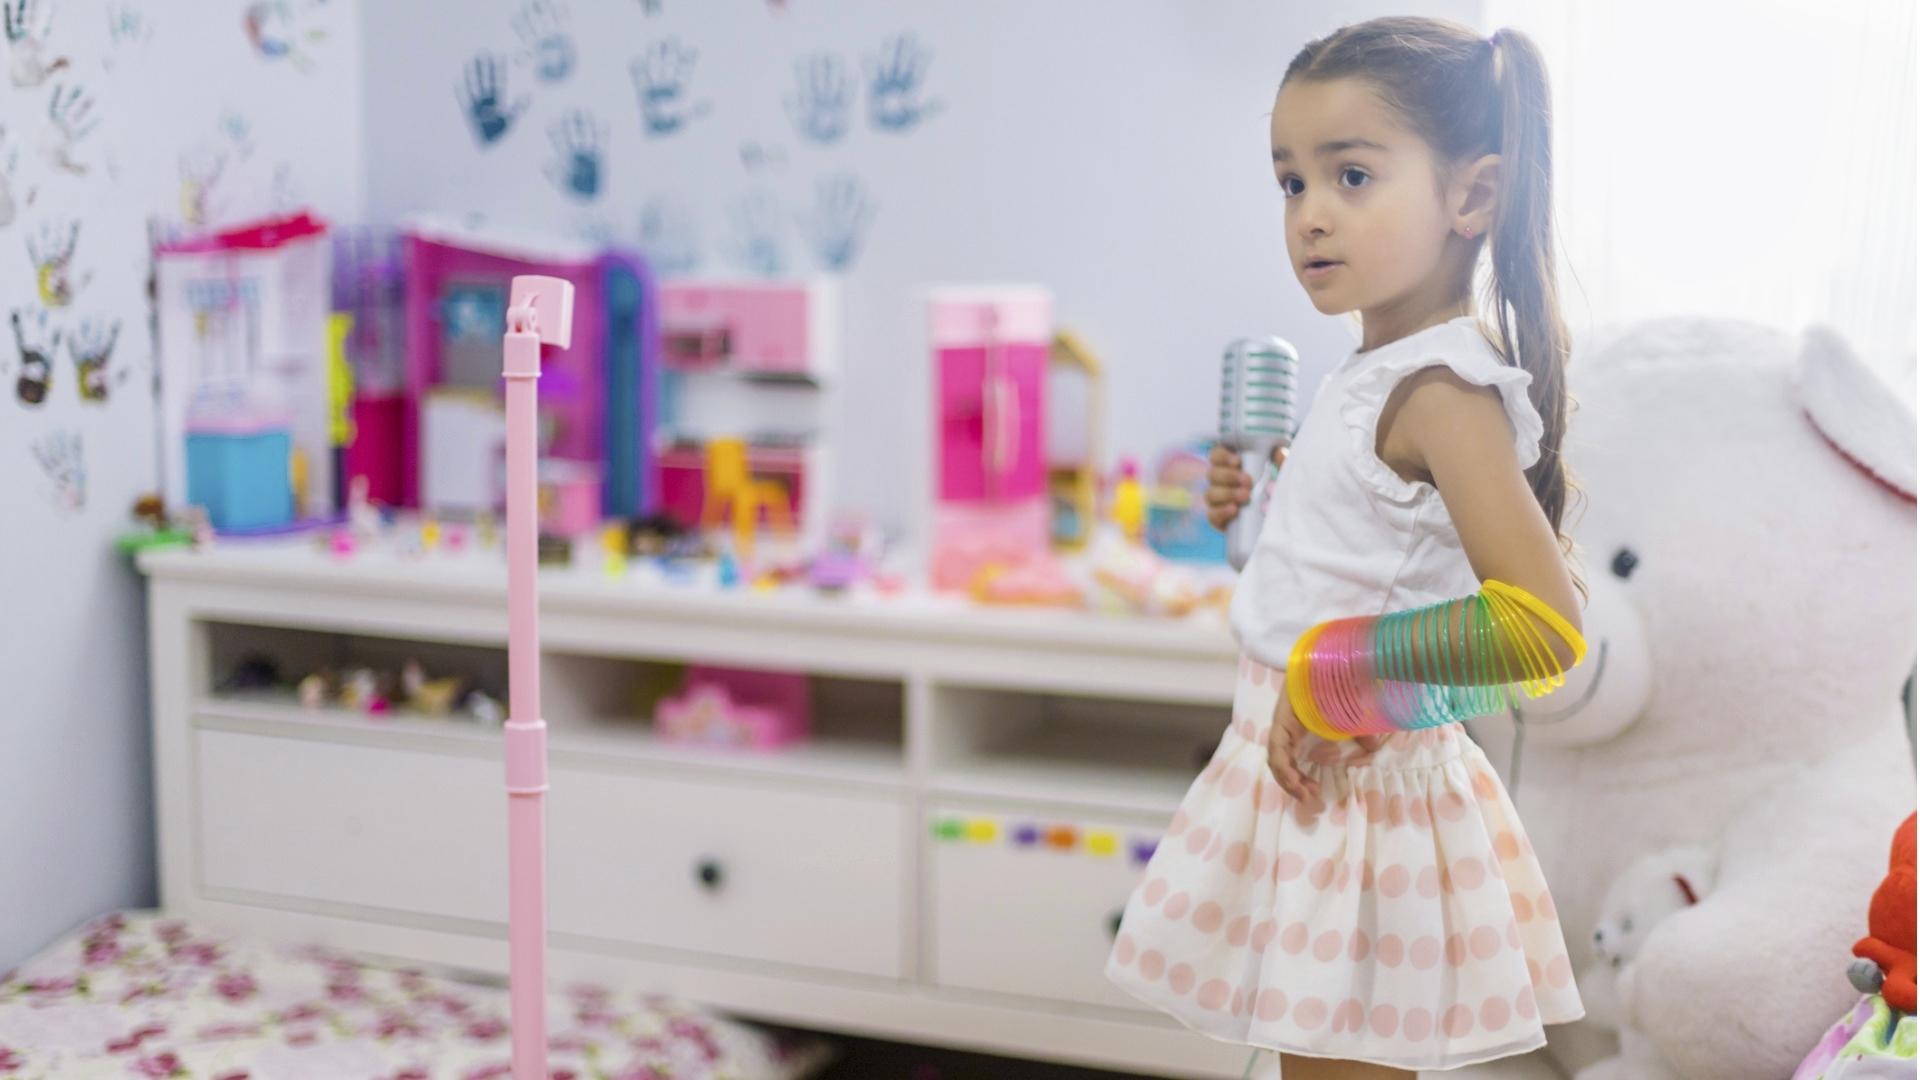 Disneyn elokuvissa keskeinen musiikki voi olla pienille lapsille hyvinkin voimauttavaa ja hauskaa. Laulaminen ja tanssiminen on fyysistä ja aktiivista tekemistä, jota lapset mielellään matkivat.